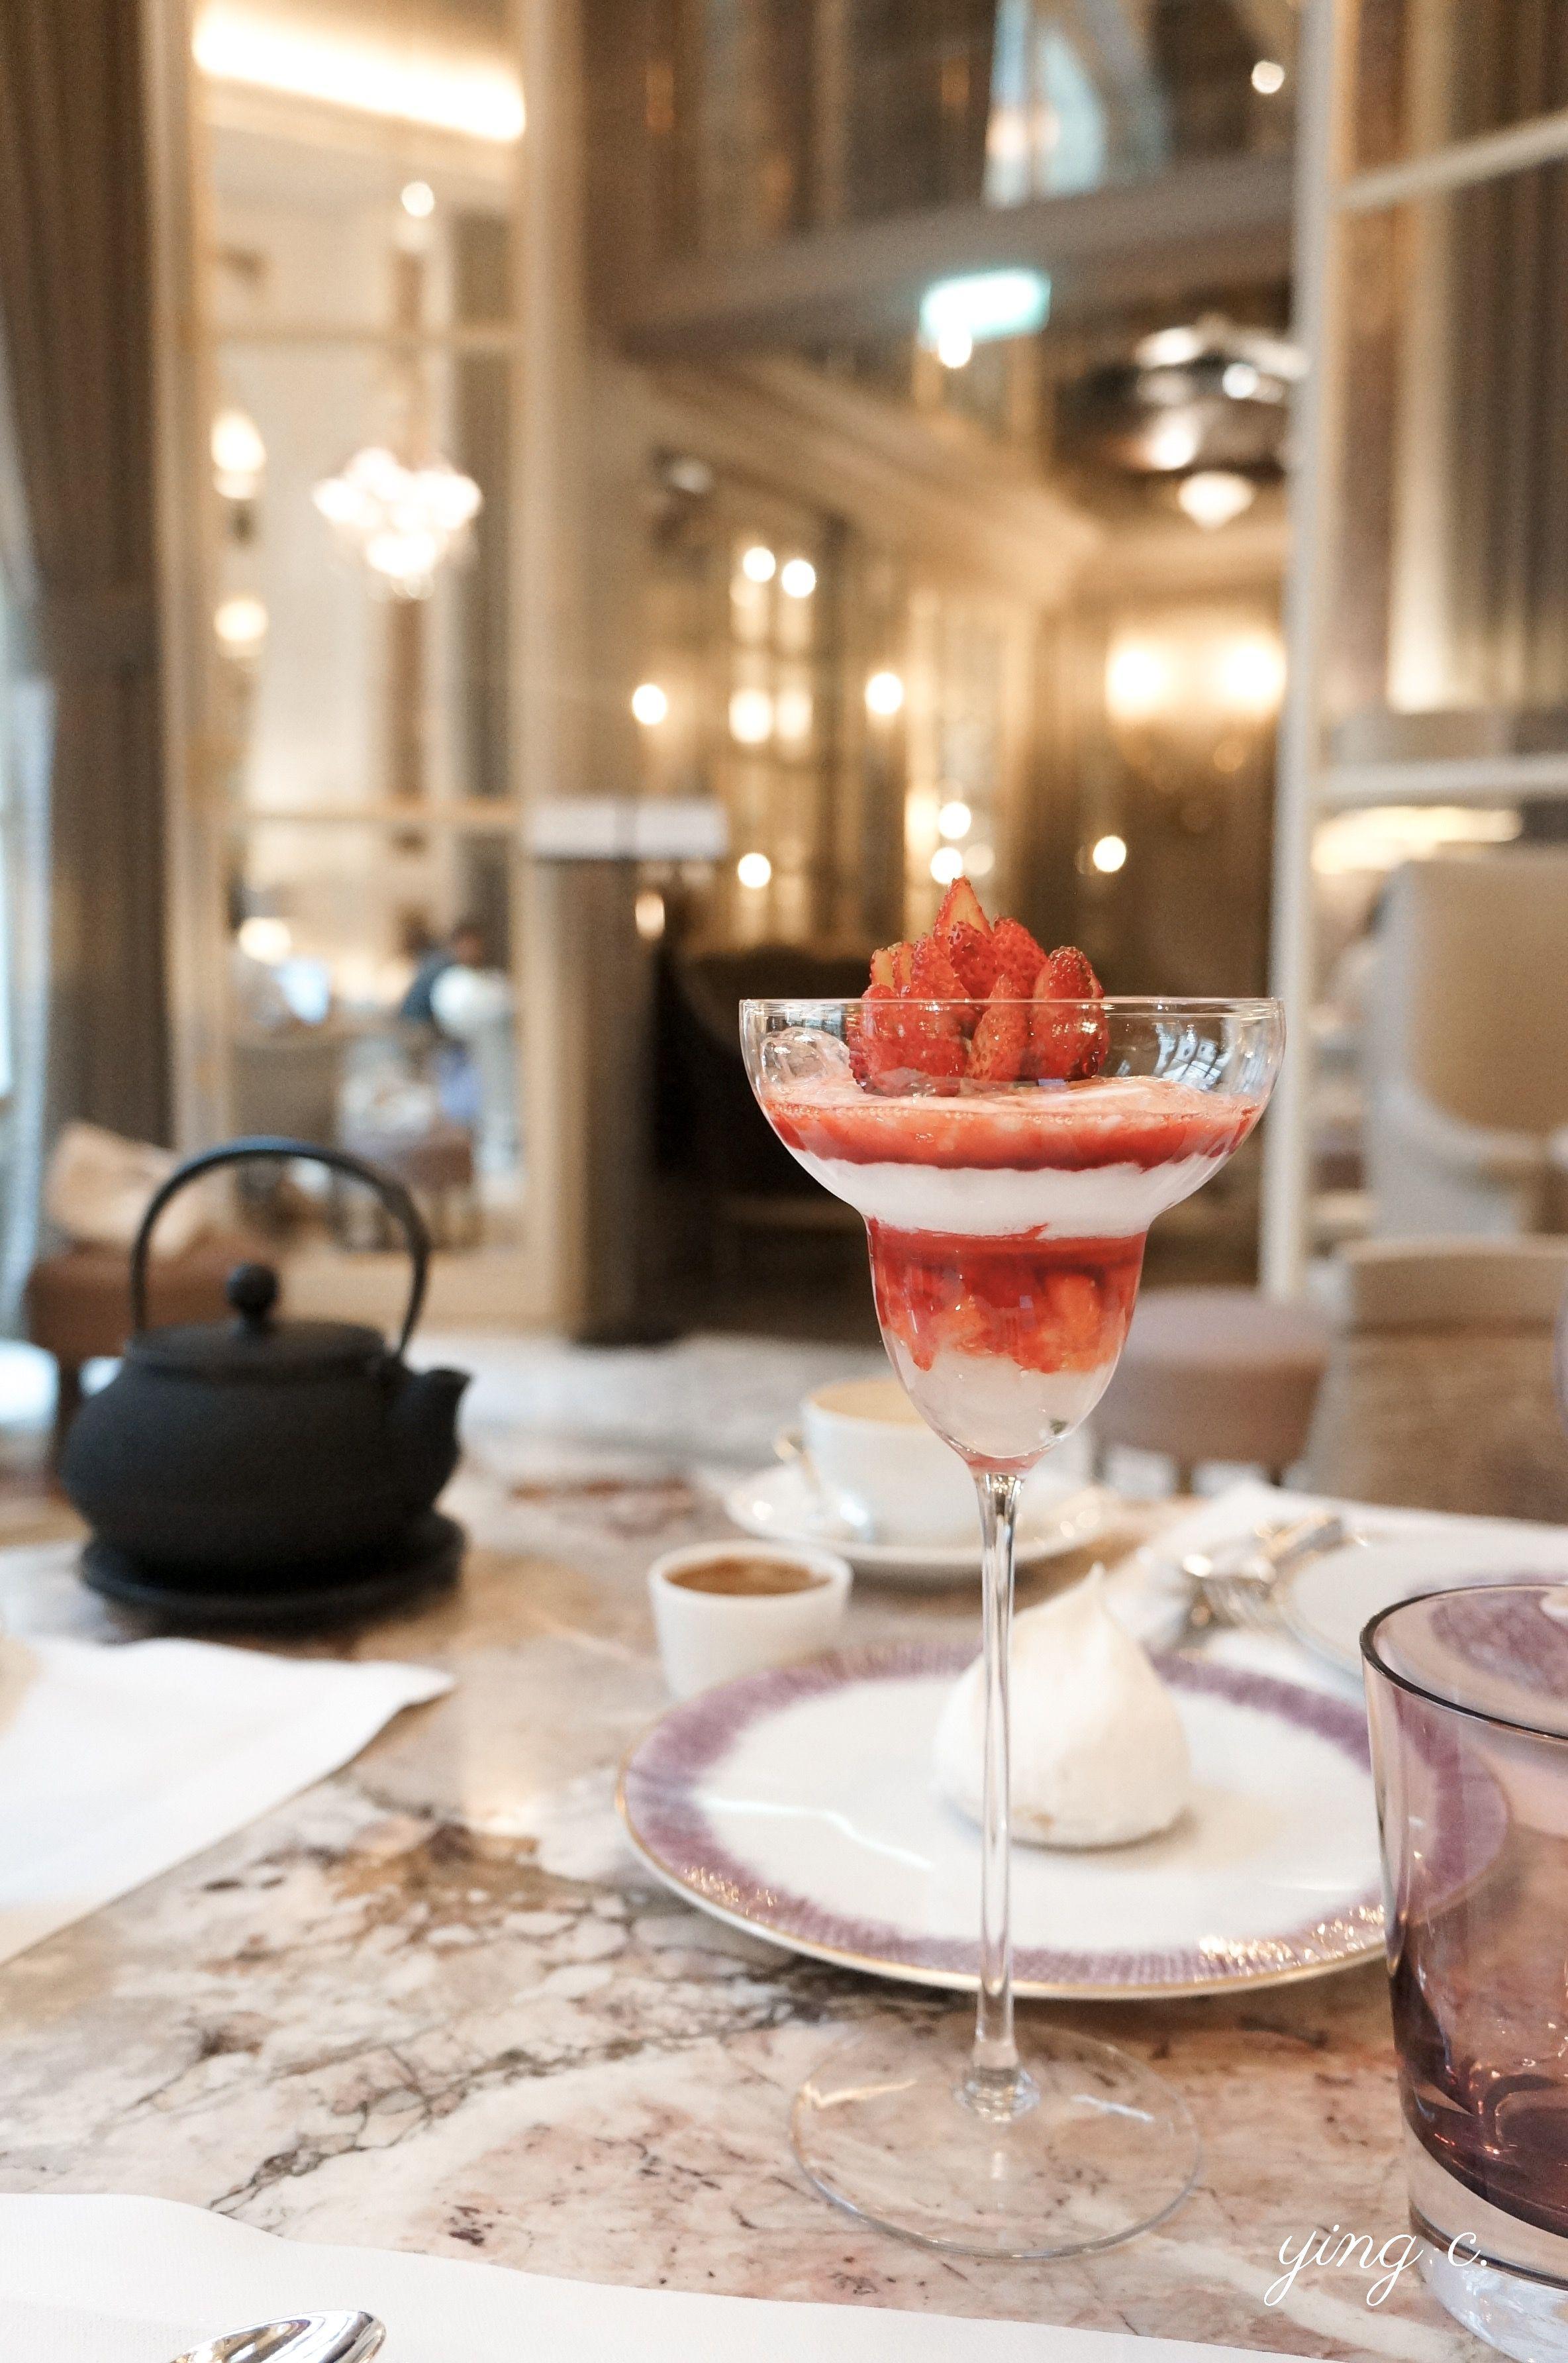 紅艷優雅的「草莓梅爾芭與蘆薈」( Melba Fraises des Bois et Aloe Vera )。